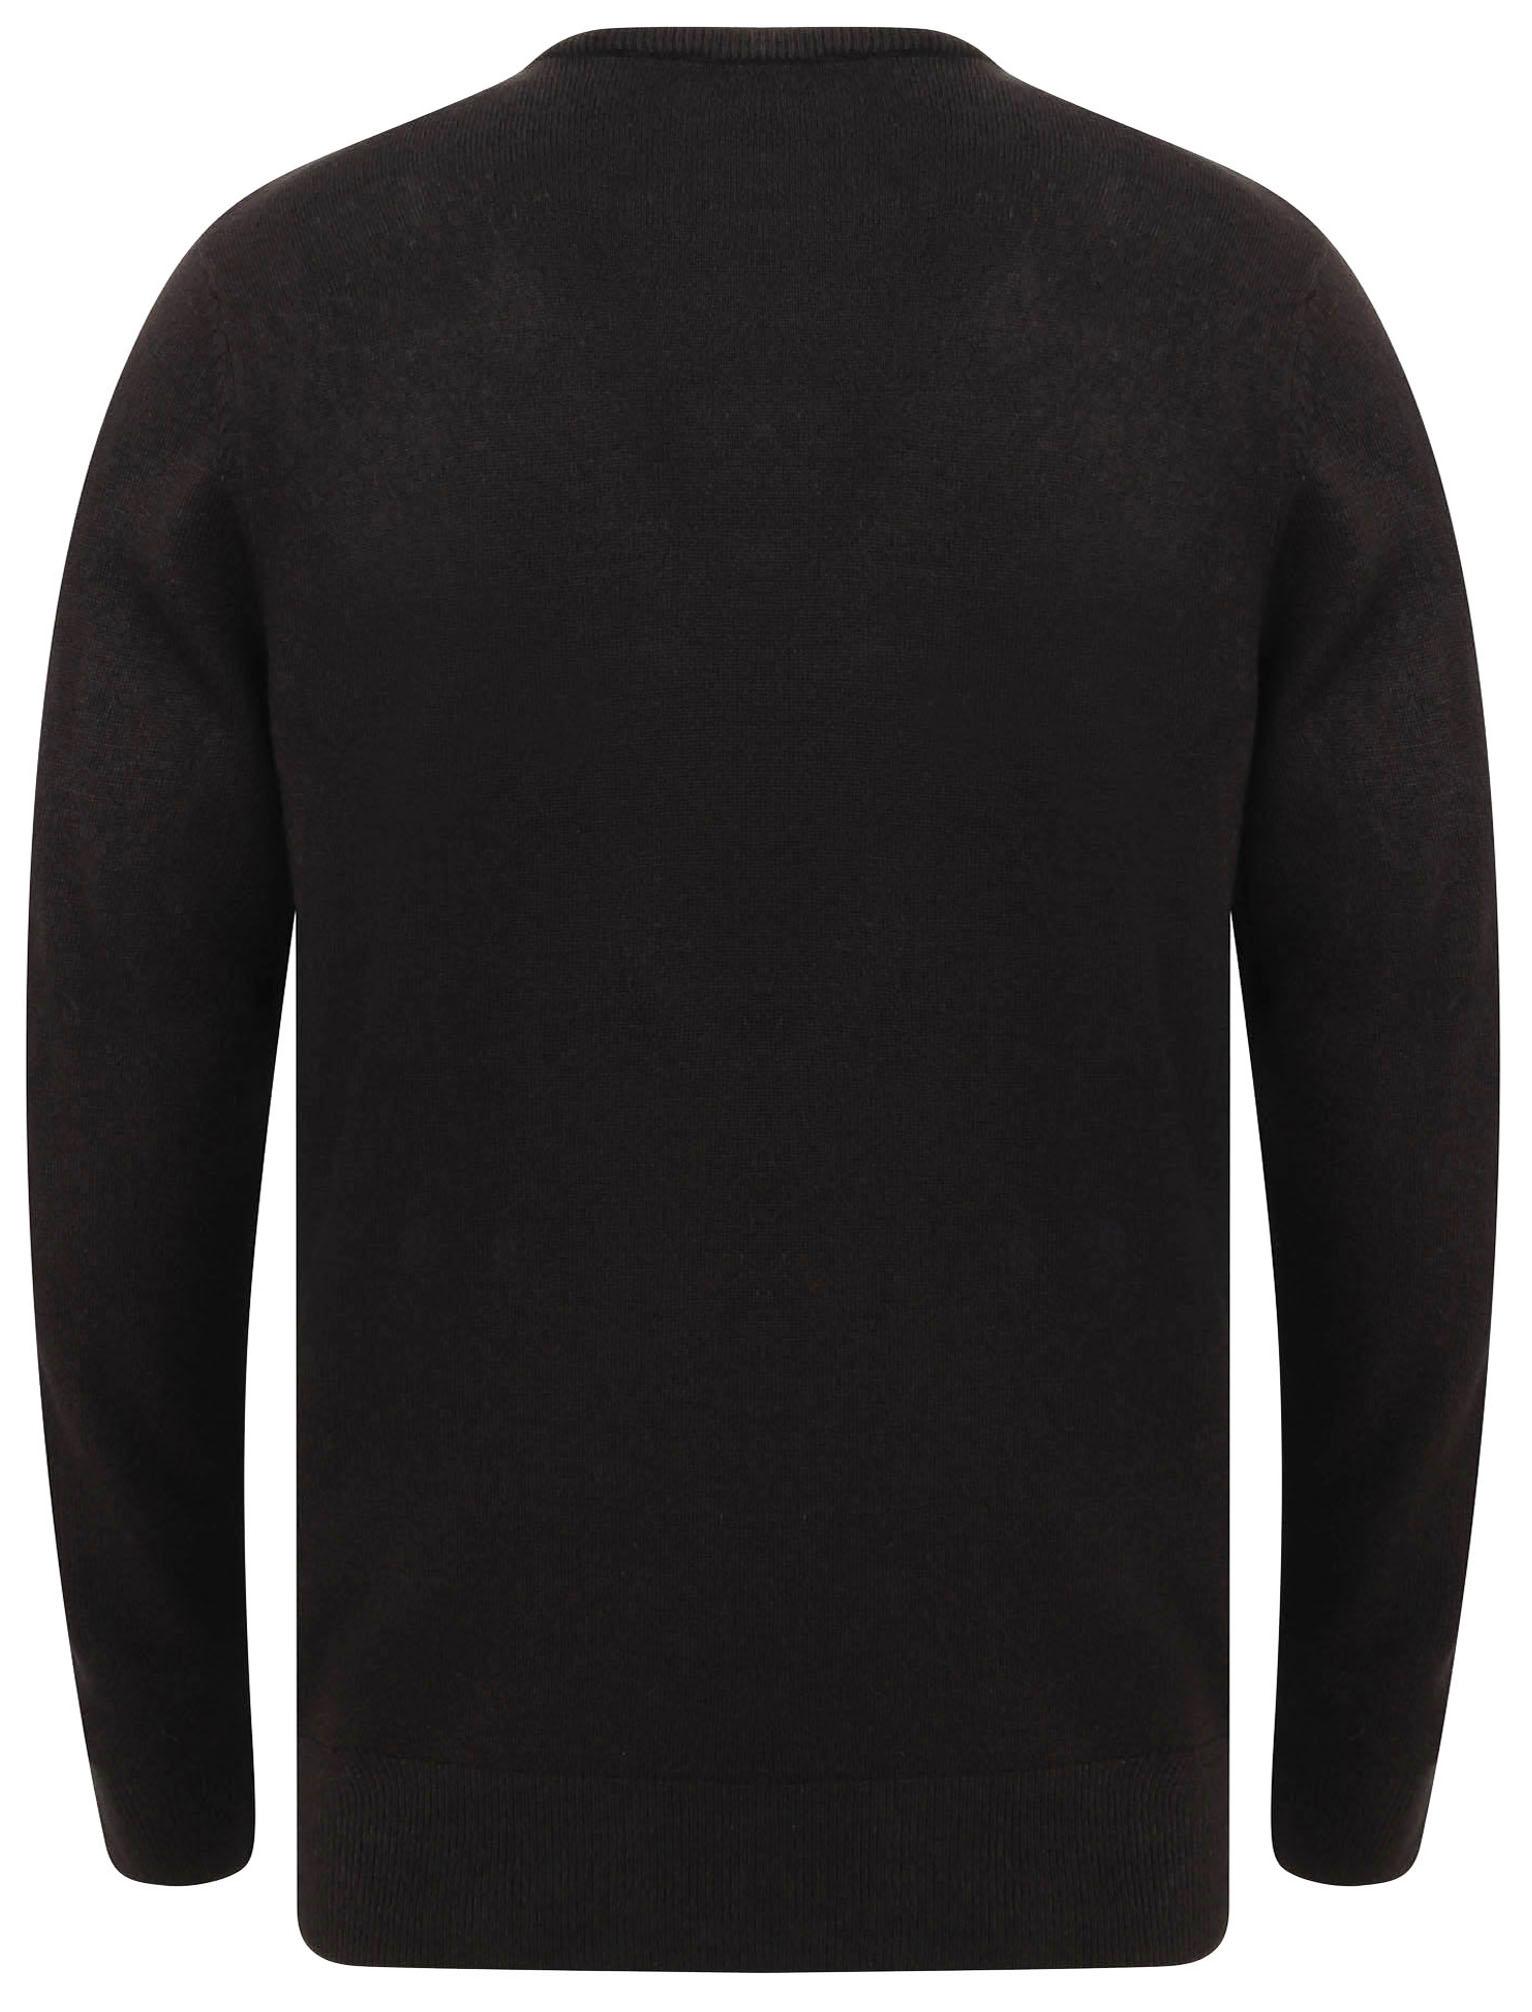 Kensington-Eastside-Men-039-s-Knitted-Crew-or-V-Neck-Jumper-Sweater-Top-Pullover thumbnail 75